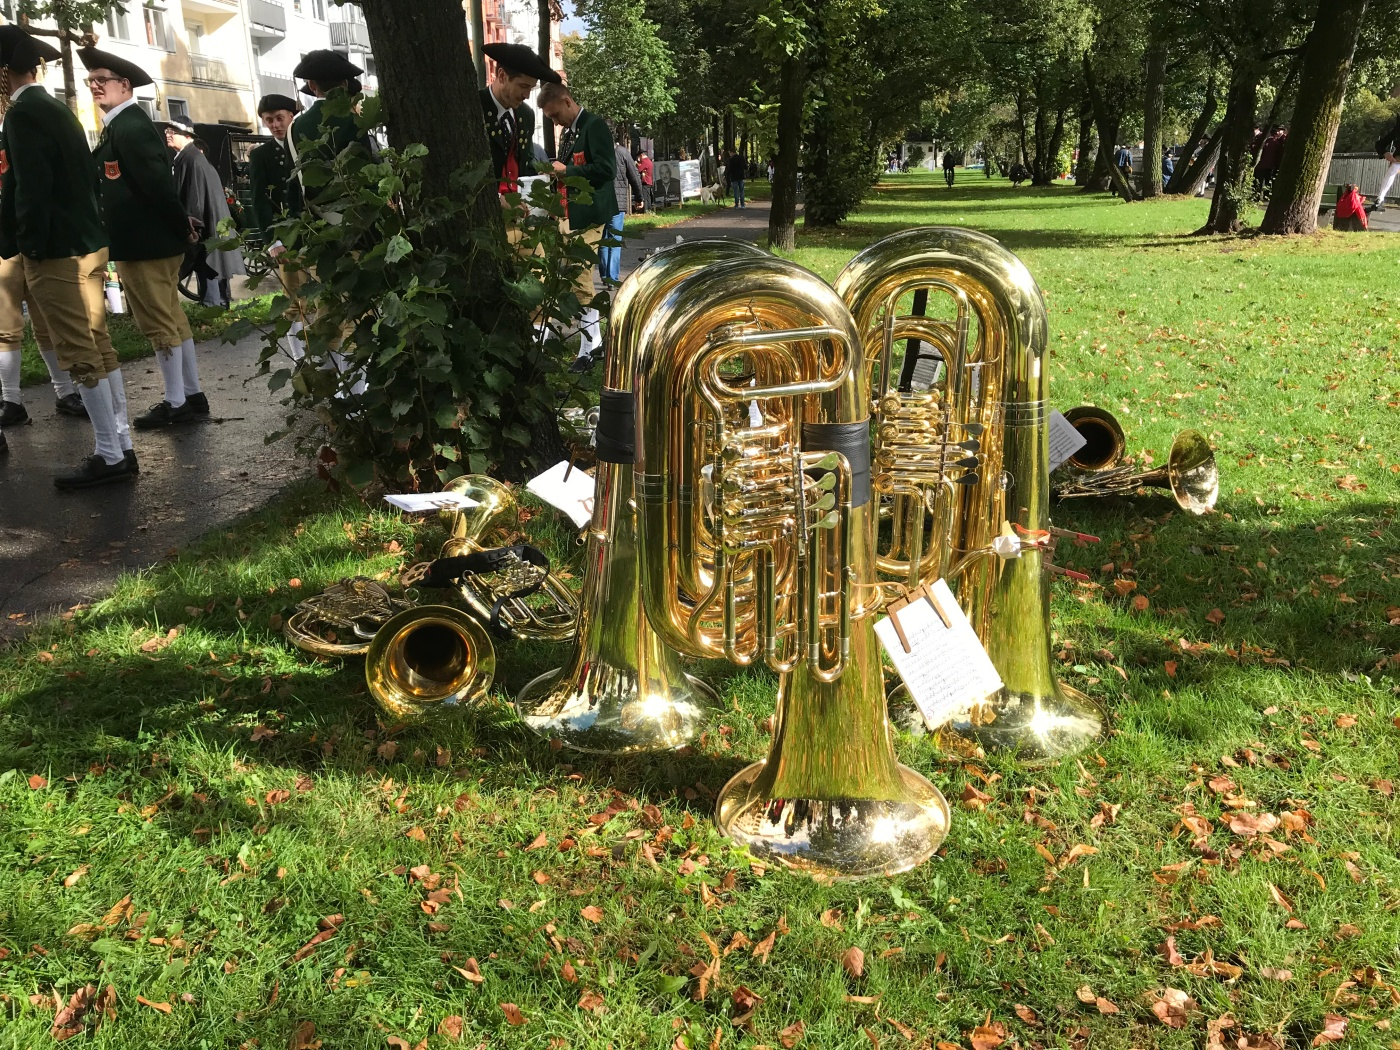 Trachten- und Schützenzug - Munich - Octoberfest 2018 - Wahlmünchnerin